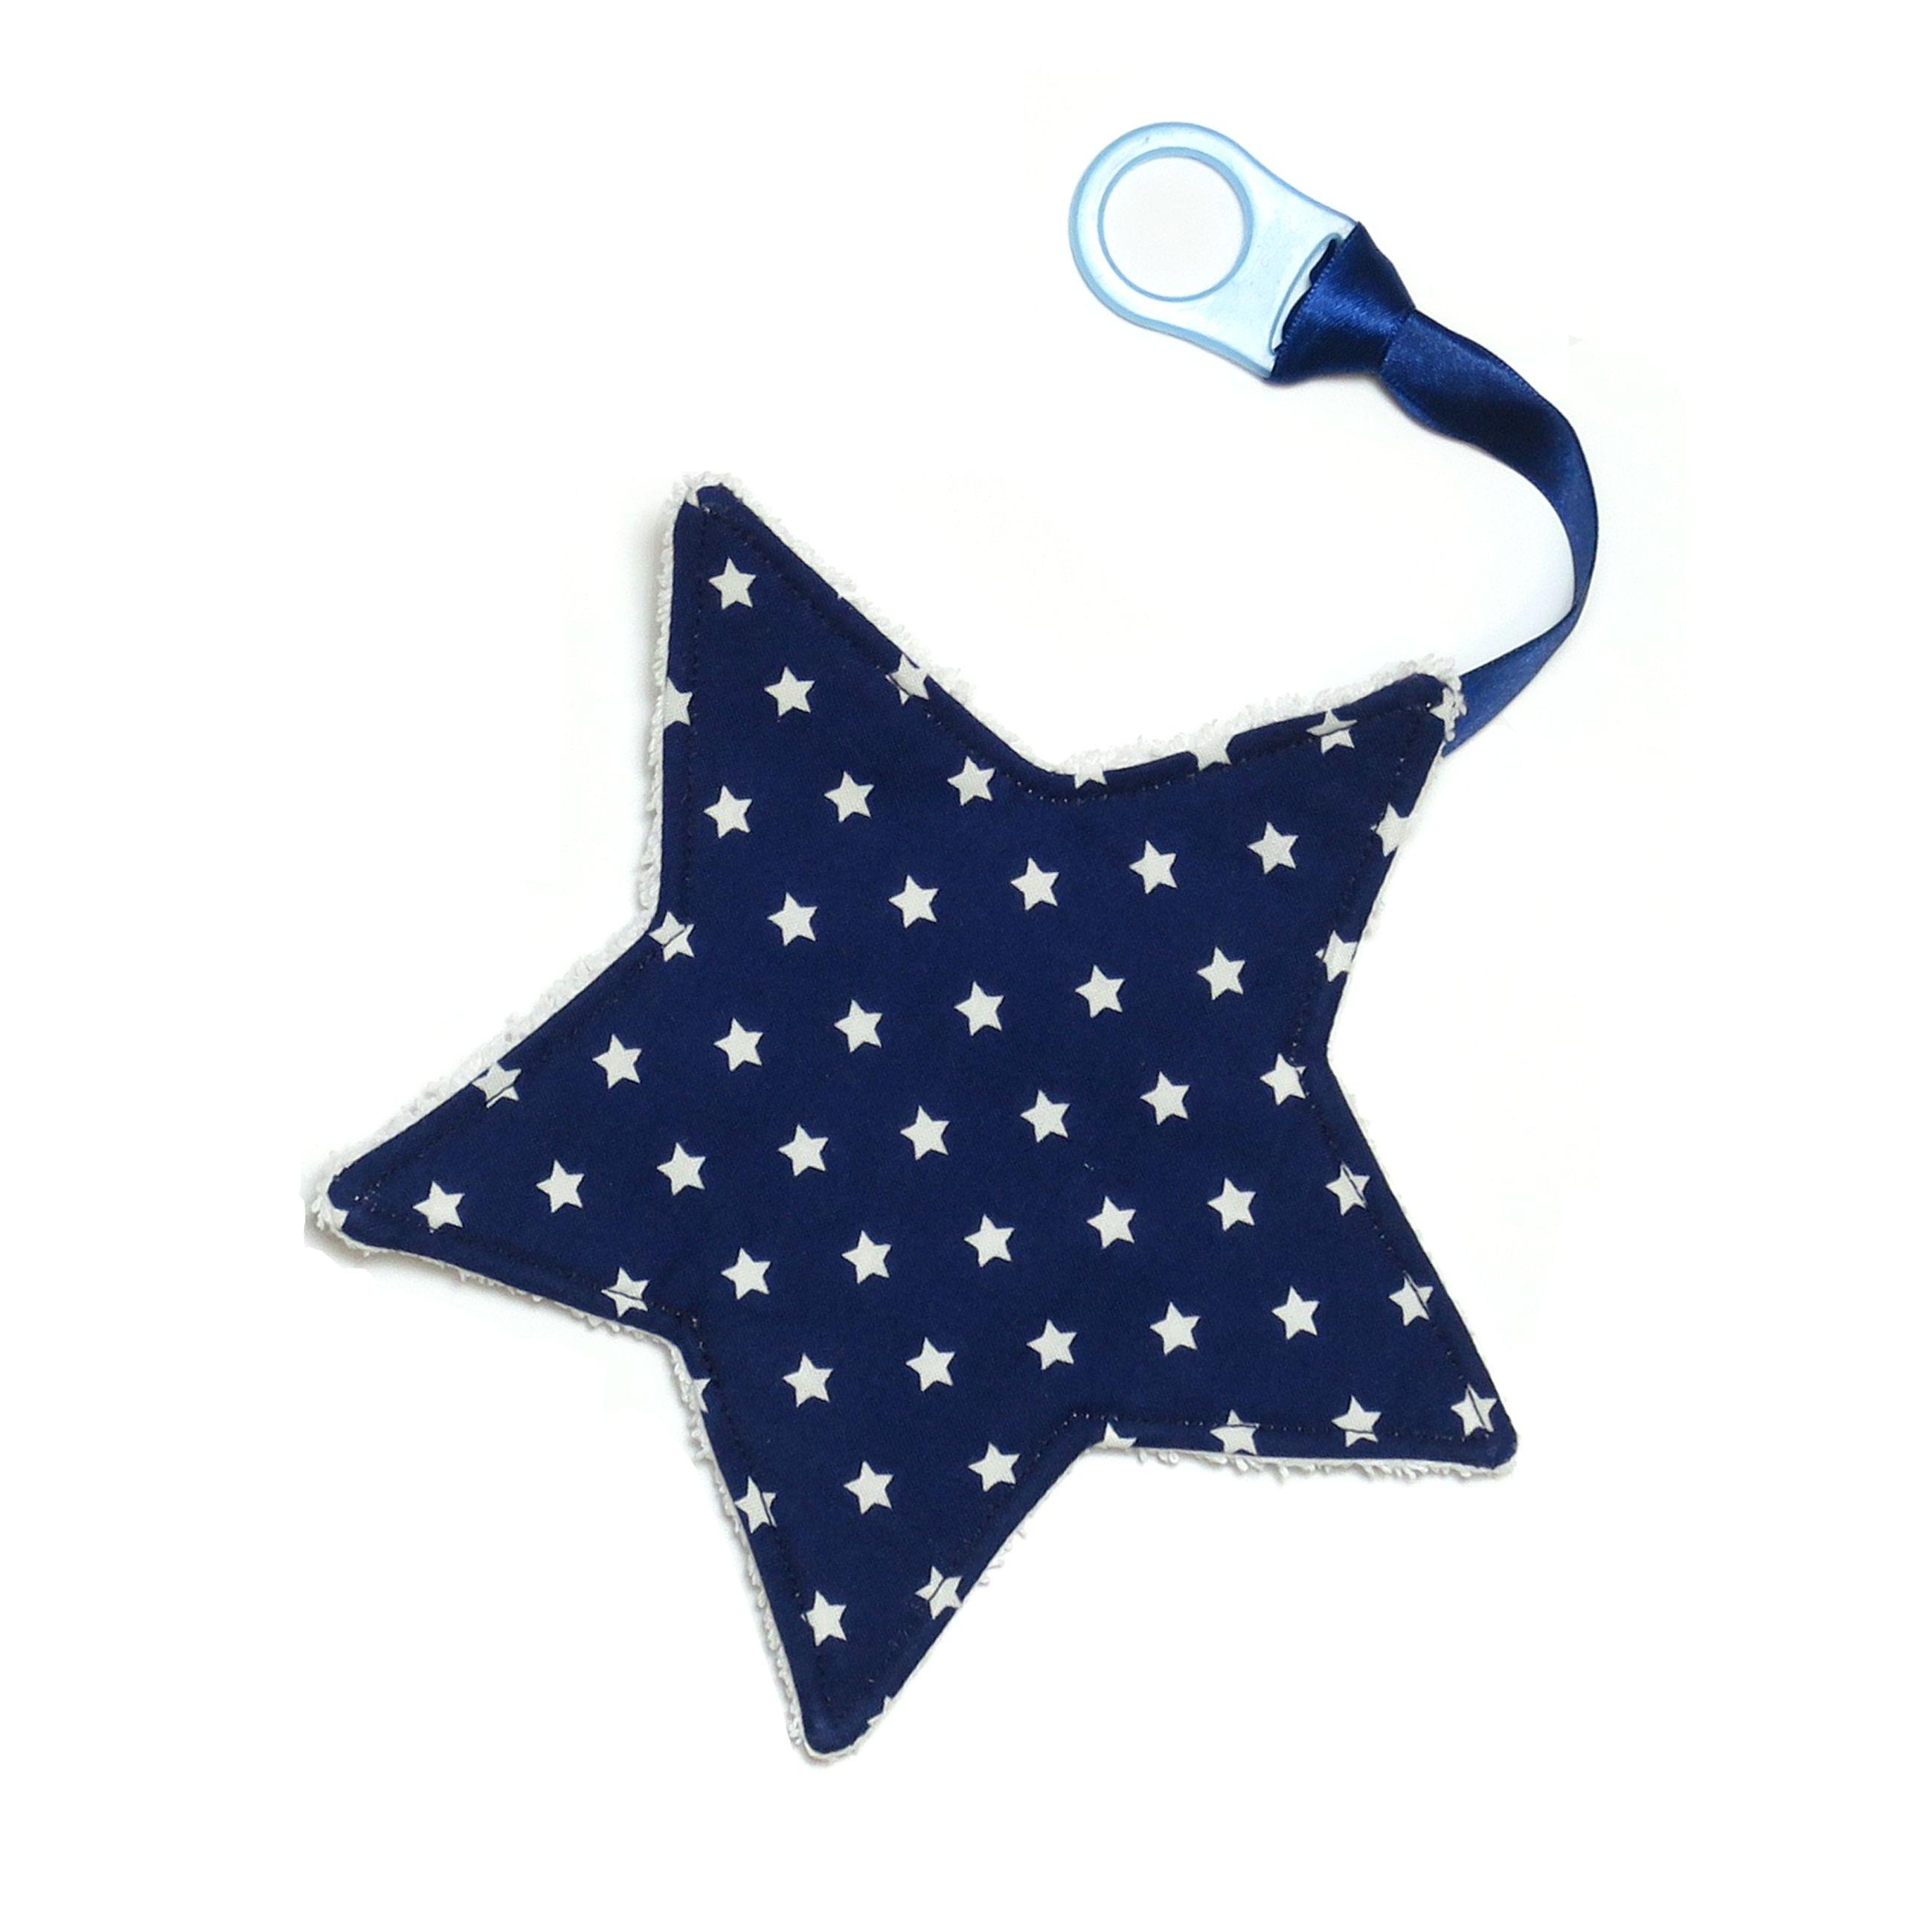 Schnullerband mit Sabberstern - Blau mit Sternen   Blausberg Baby